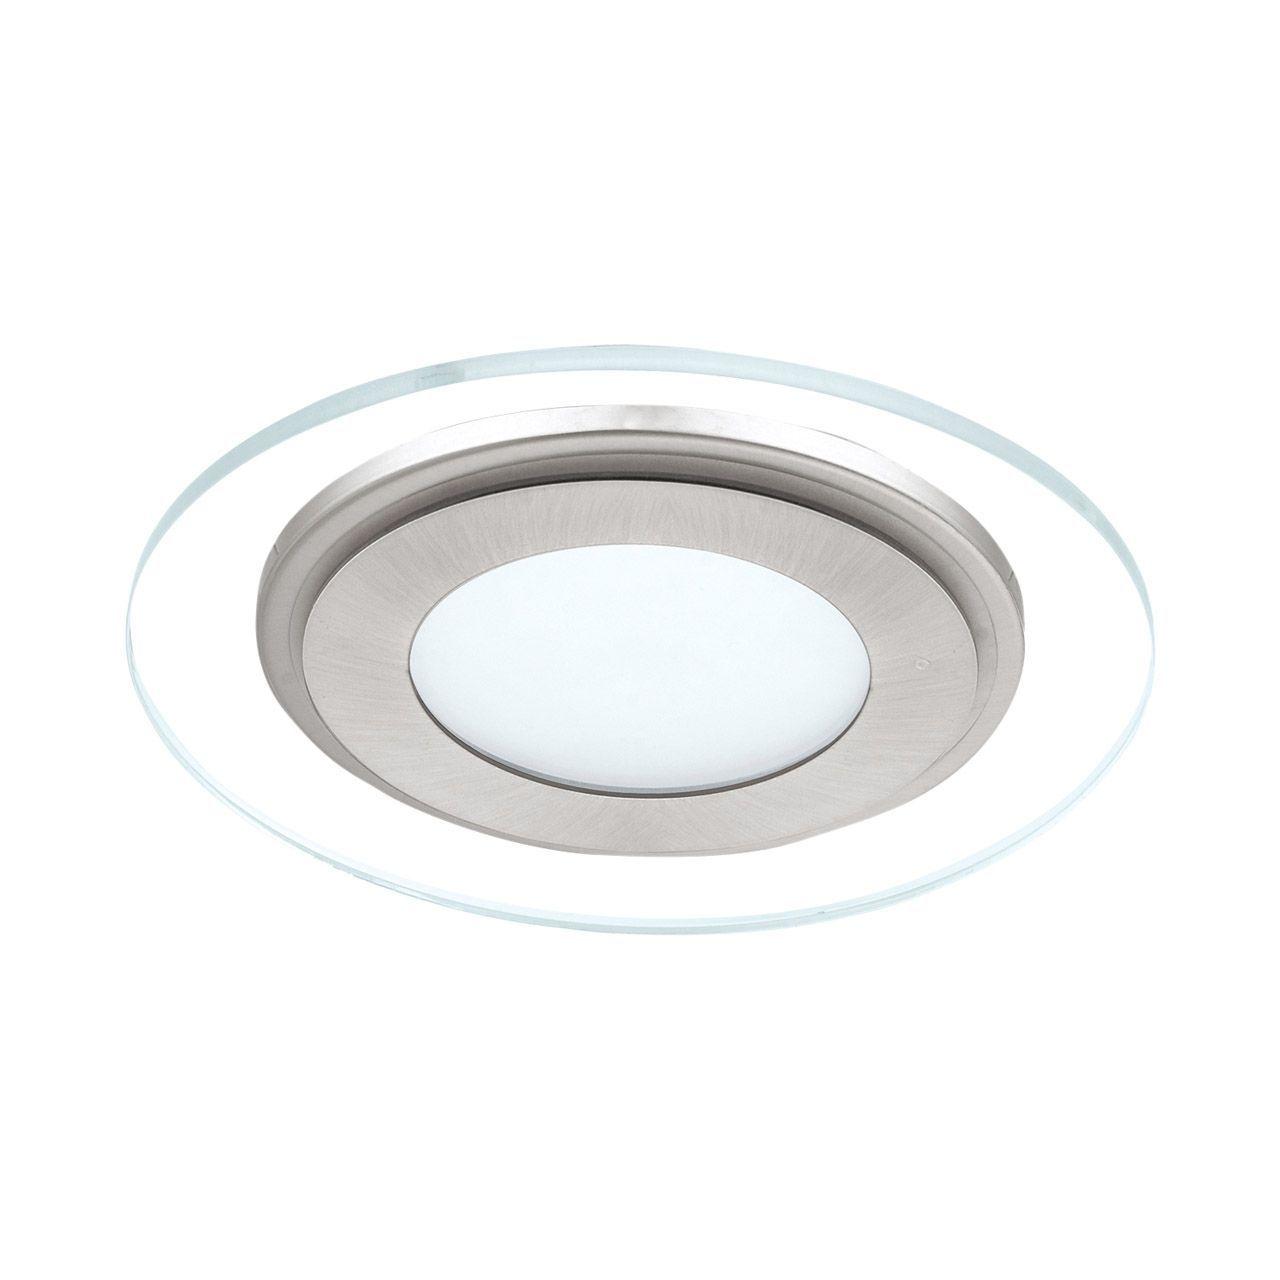 Встраиваемый светодиодный светильник Eglo Pineda 1 95932 встраиваемый светодиодный светильник eglo pineda 95868